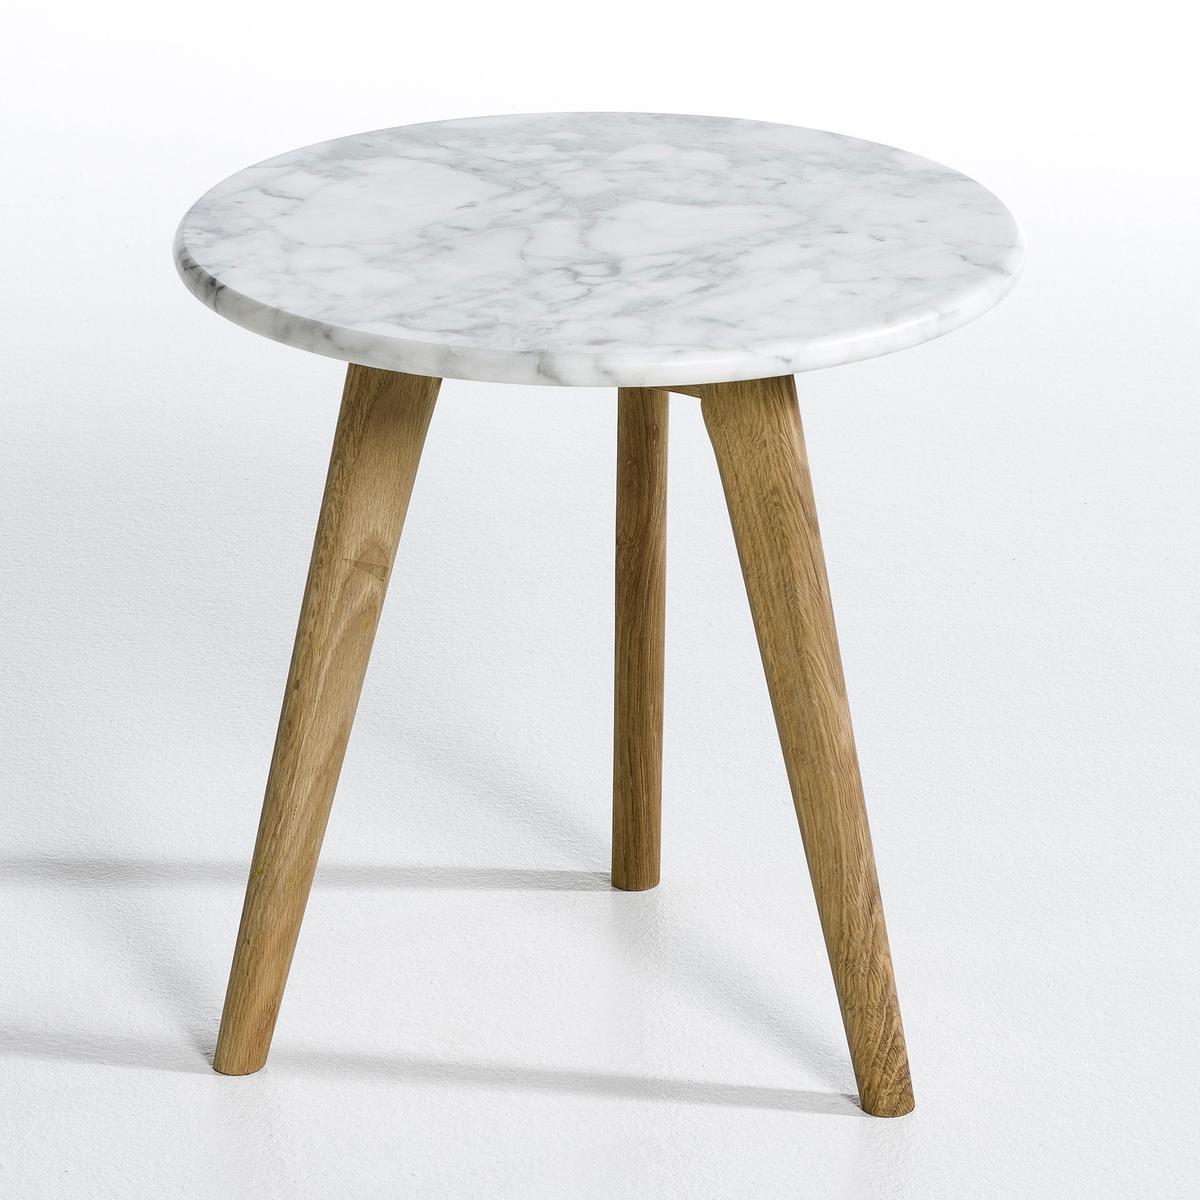 Столик диванный Priscille, столешница из мрамора